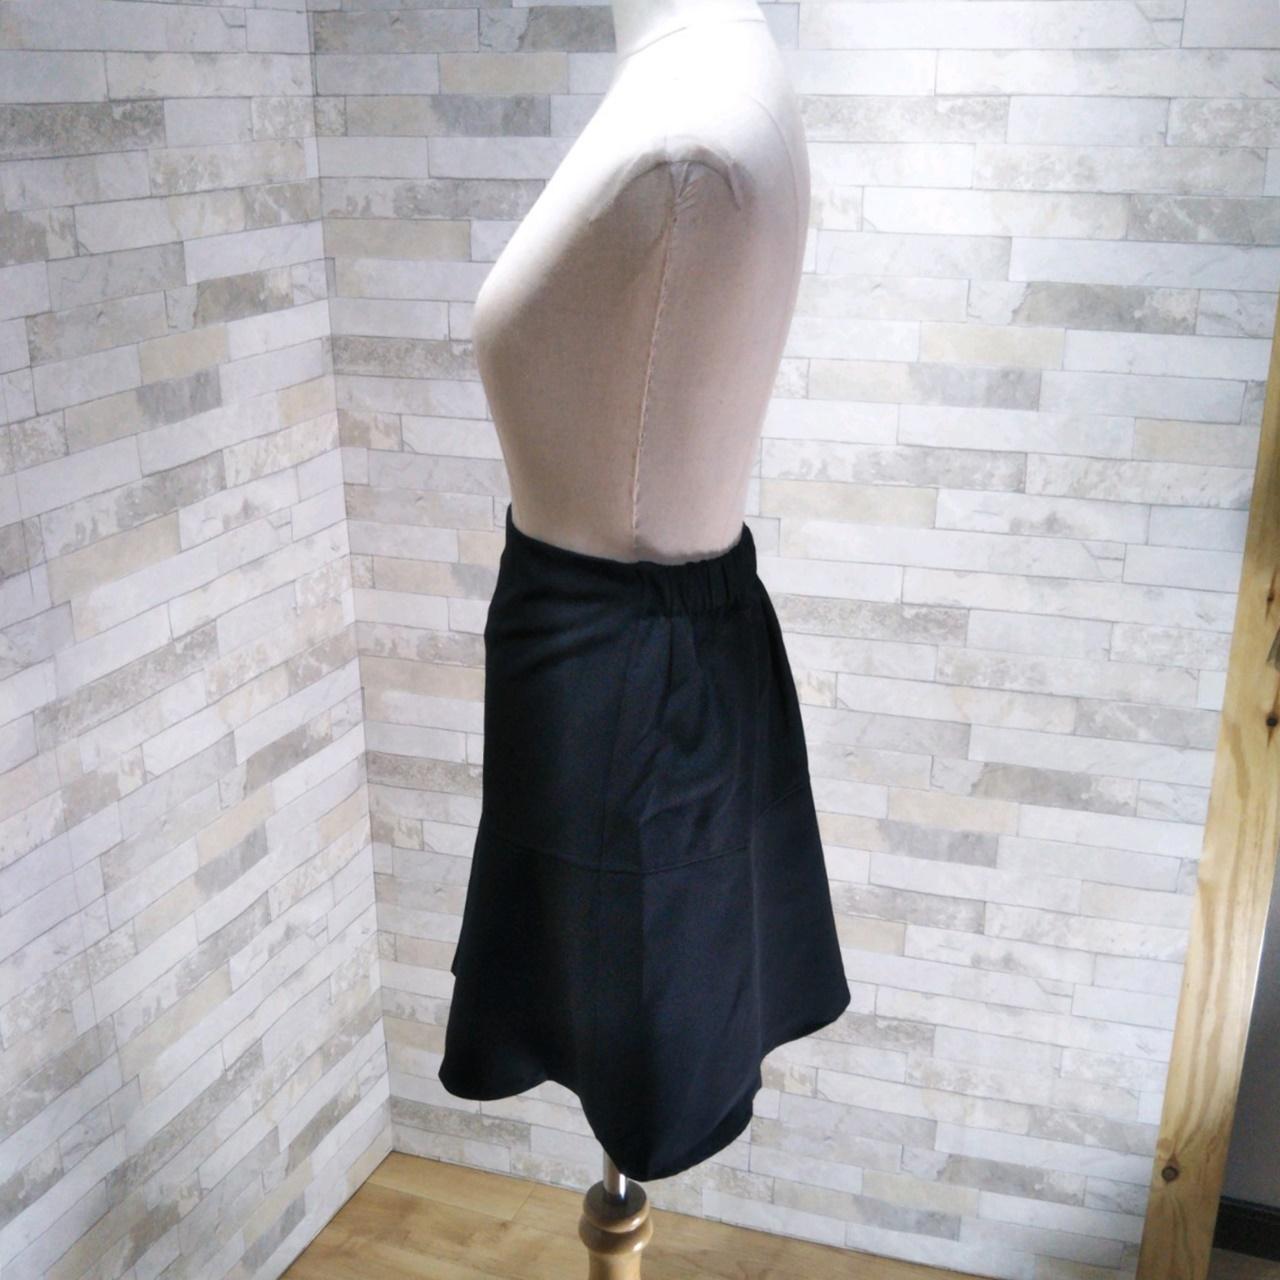 韓国 ファッション スカート ミニ ボトムス 春 夏 カジュアル PTXE657  アシンメトリー イレヘム 切り替え サーキュラー フレアスカート フェミニン  オルチャン シンプル 定番 セレカジの写真9枚目